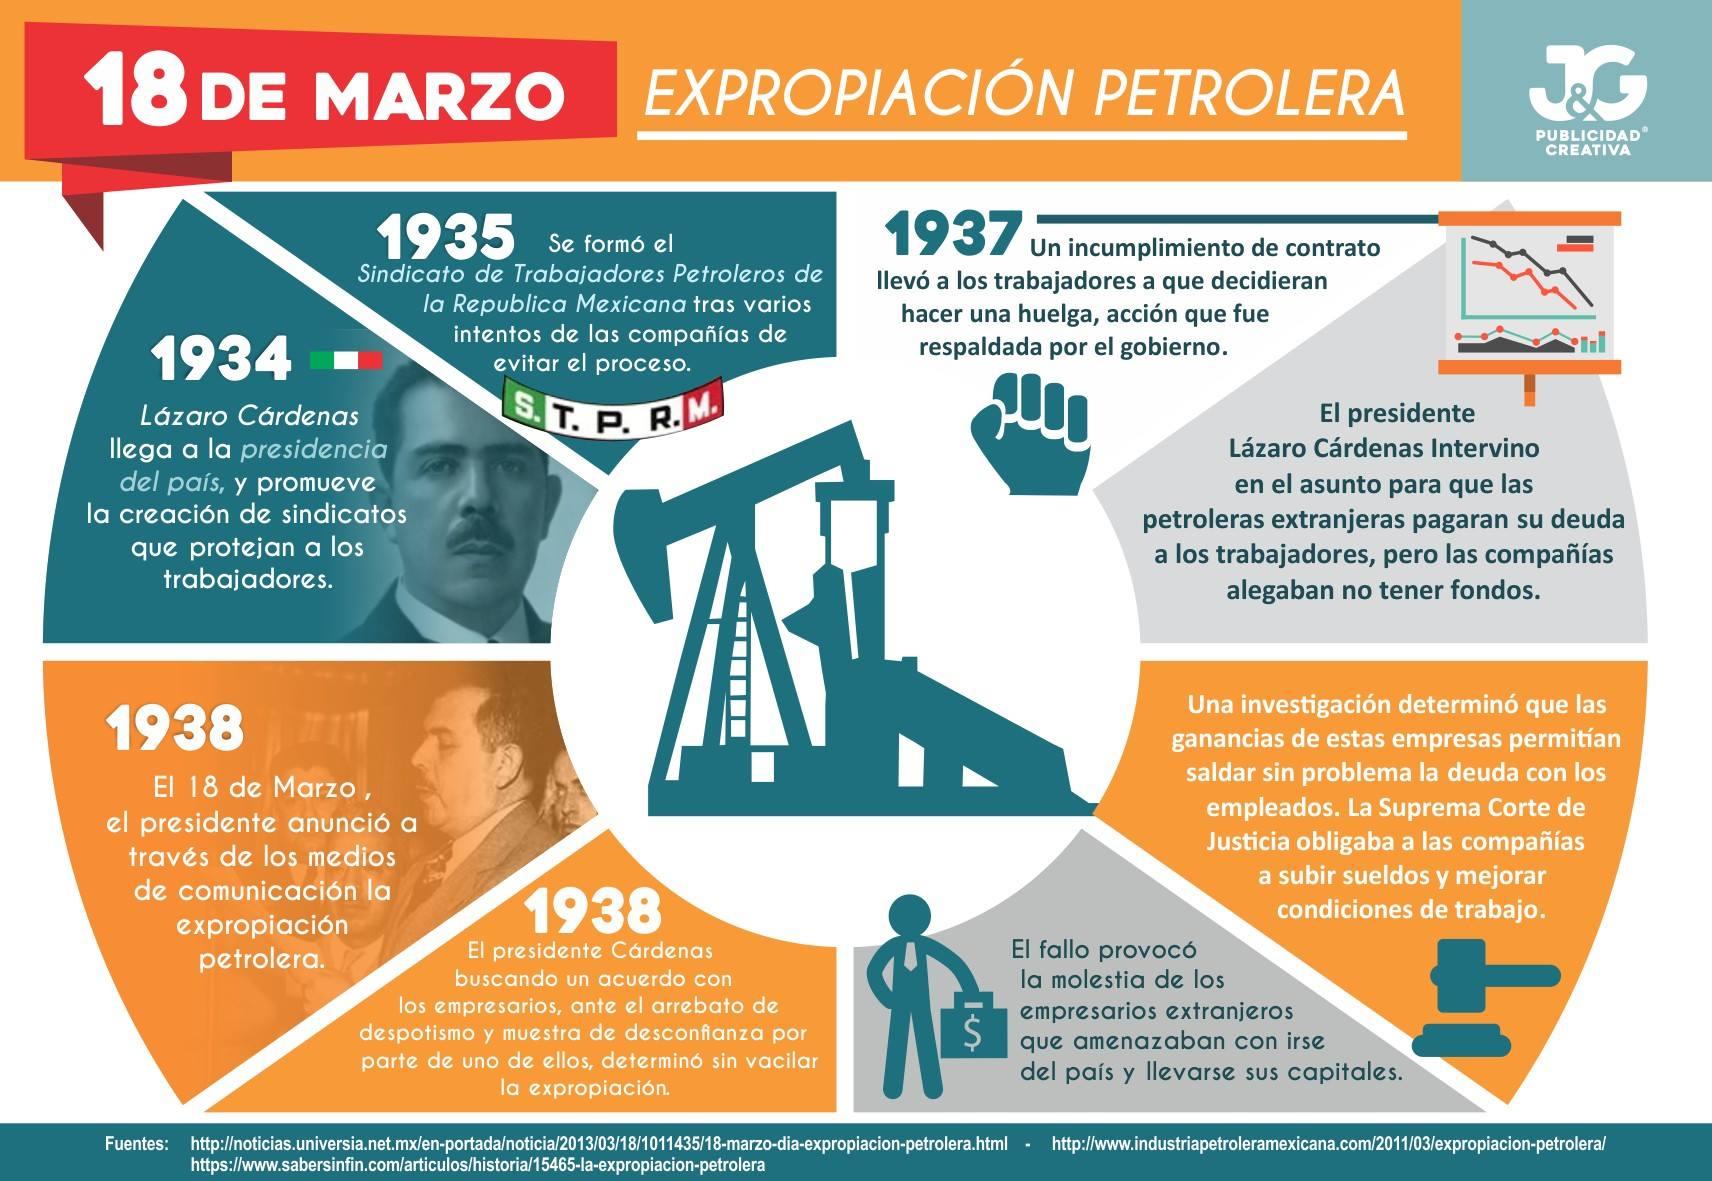 18 de marzo - Día de la expropiación petrolera 2018